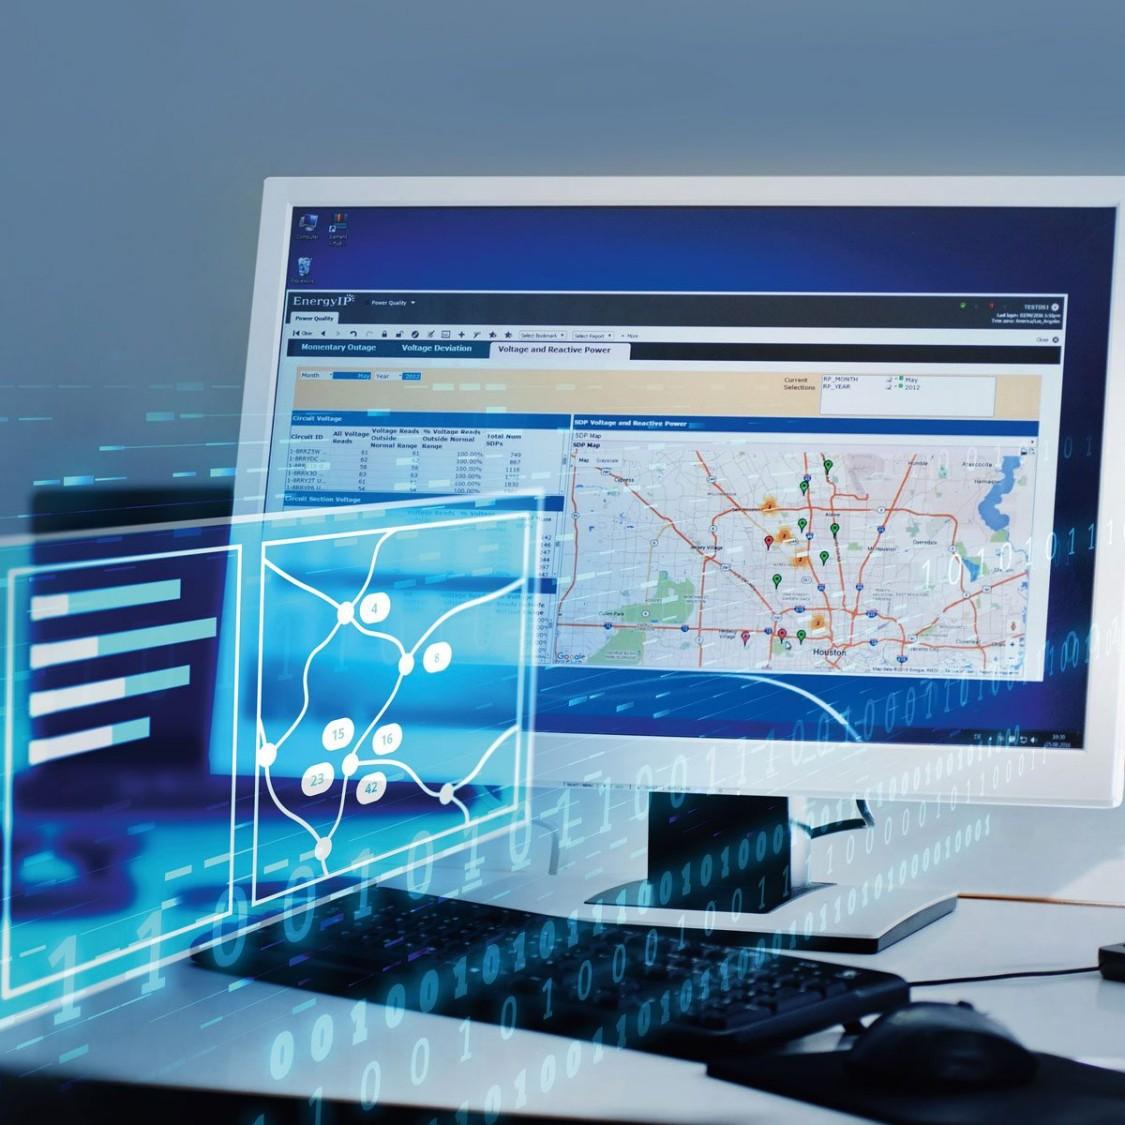 Siemens, Gartner'ın Sayaç Veri Ürünleri için hazırladığı Magic Quadrant tablosunda lider olarak konumlandırılmıştır.